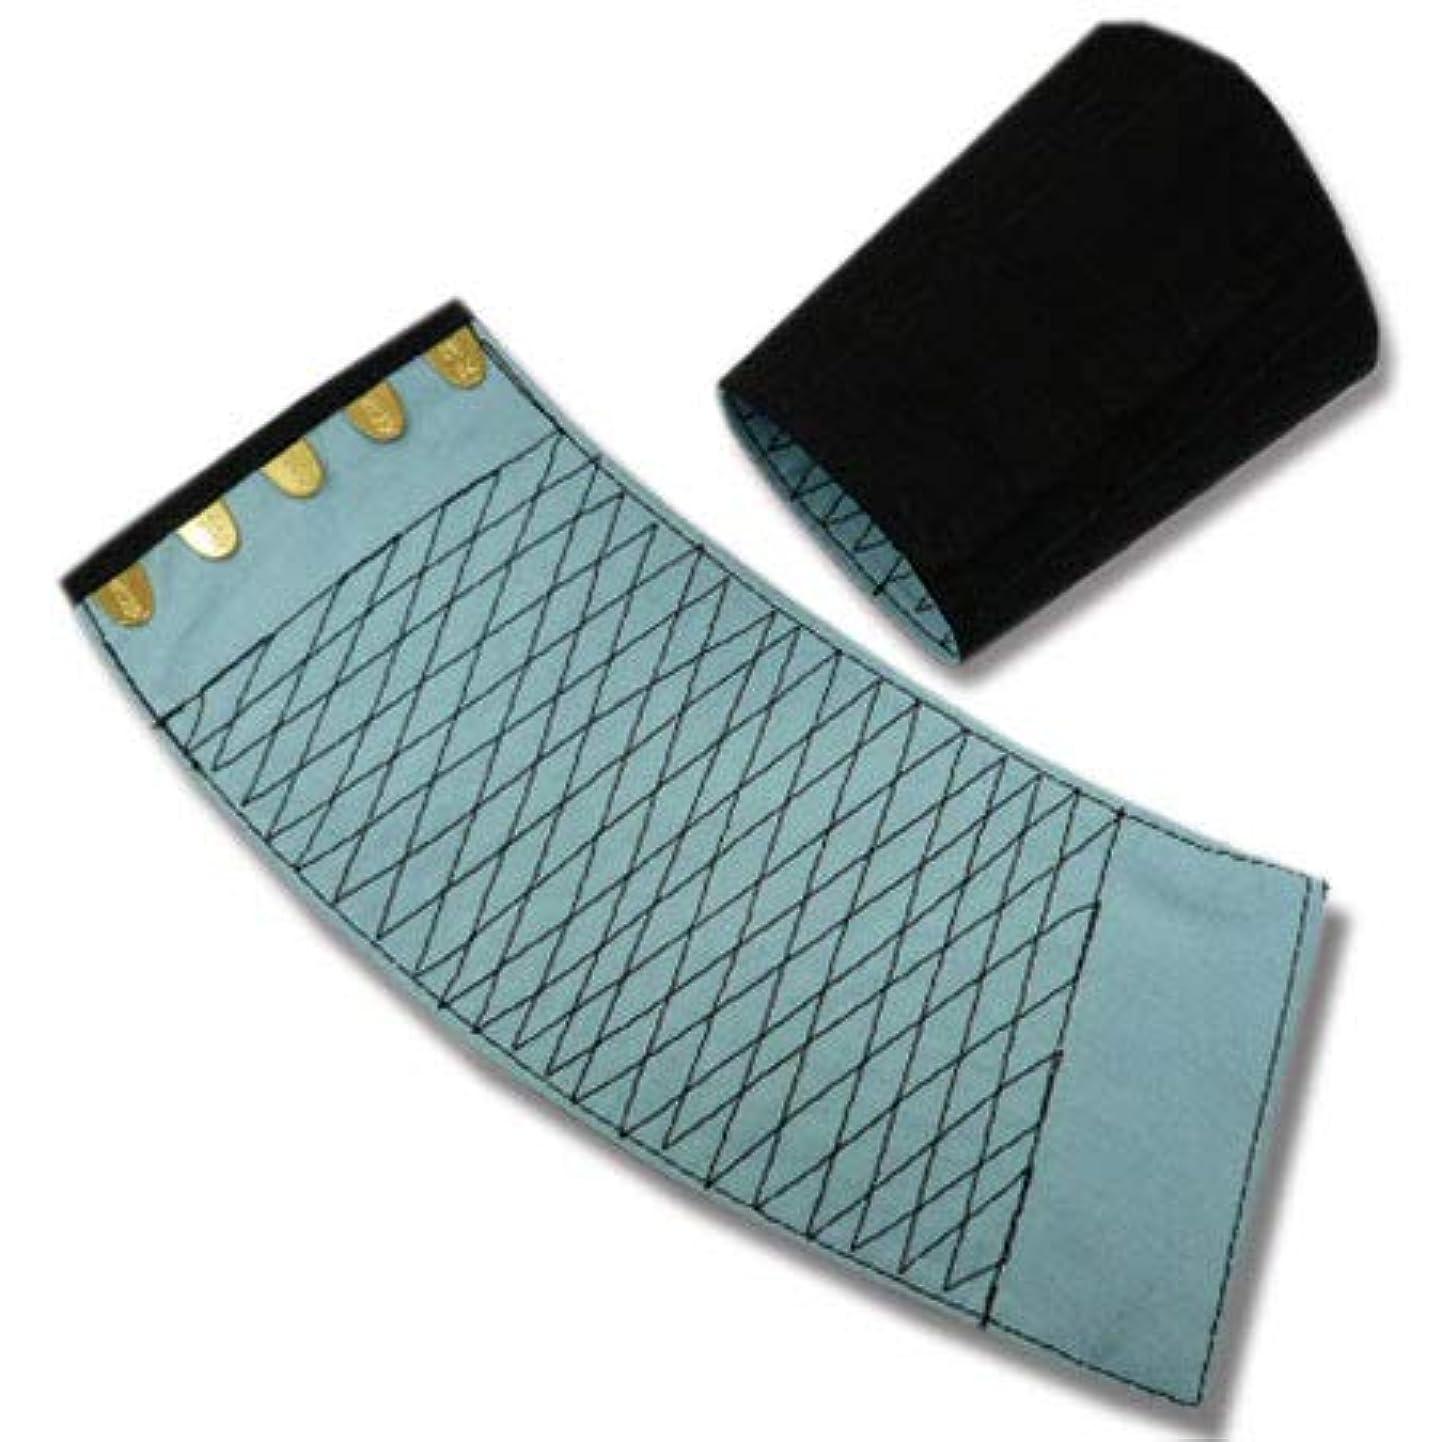 ペスト情緒的不規則な[きねや] 手甲 5枚コハゼ 「きねや無敵」 青縞手甲(藍染)腕貫 幅約10.7cm 5双セット